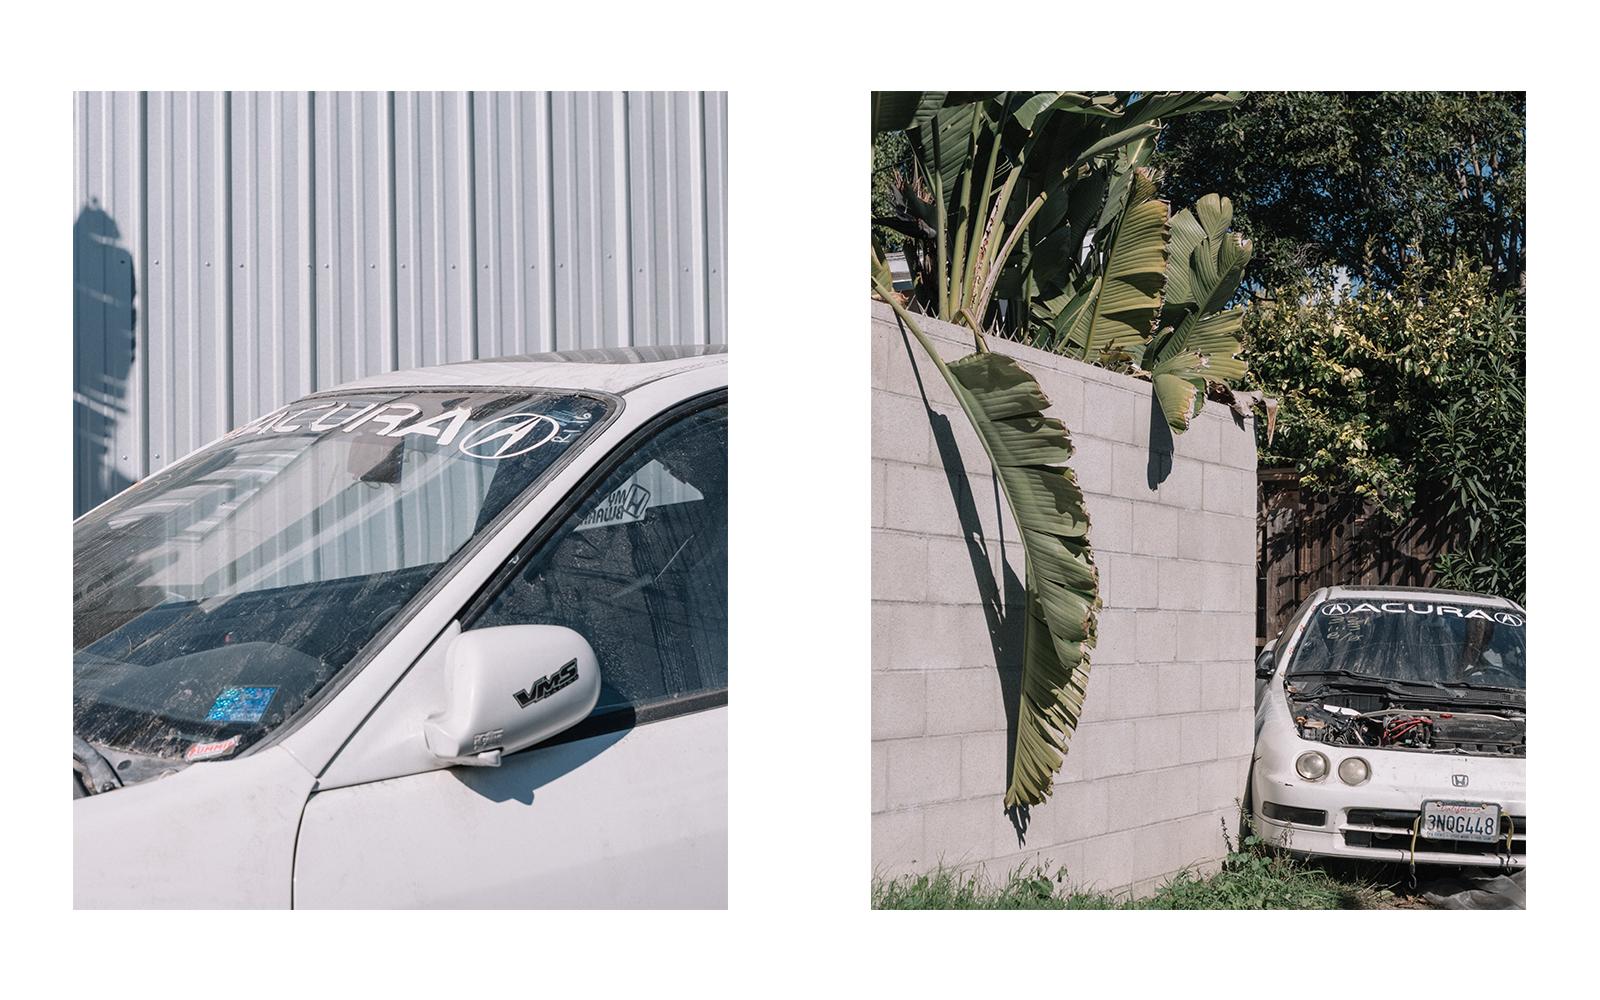 Acura_1a.jpg